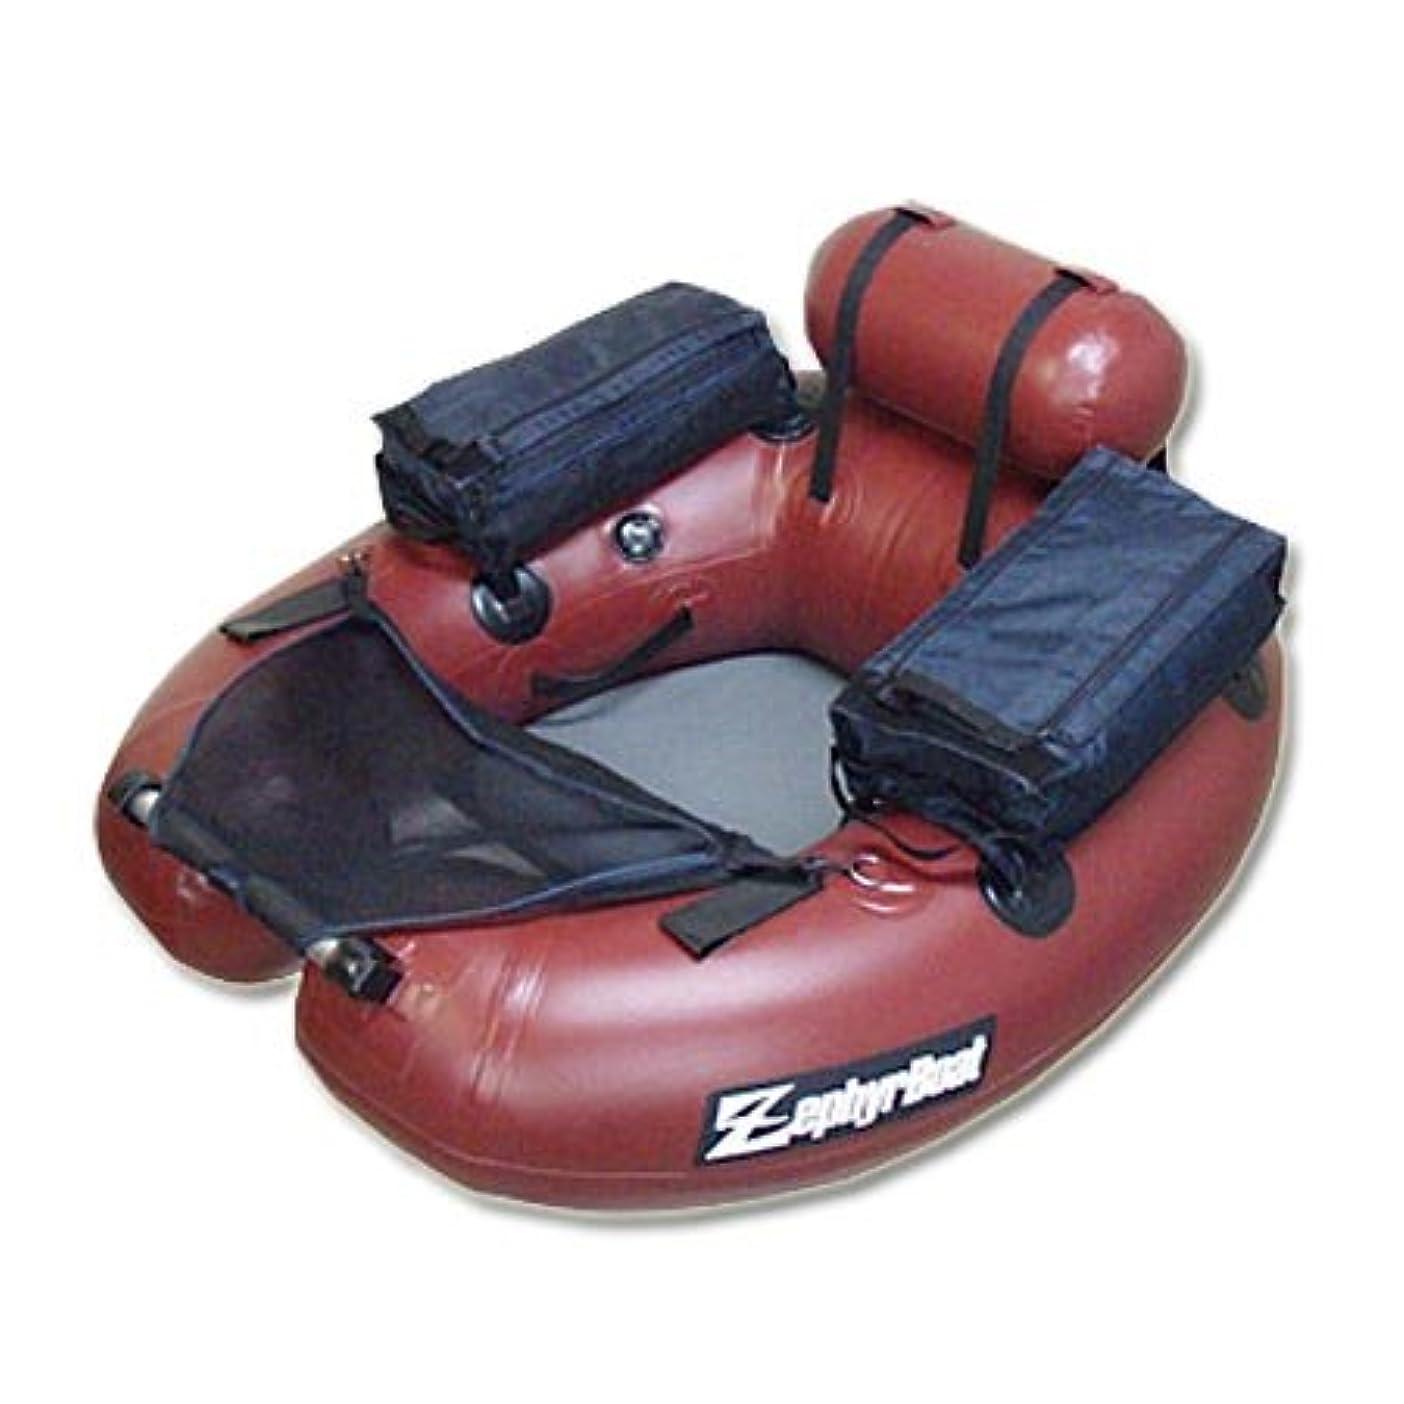 分数解明スケートゼファーボート(ZephyrBoat) ZF-158VH ワインレッド ZF-007-WR